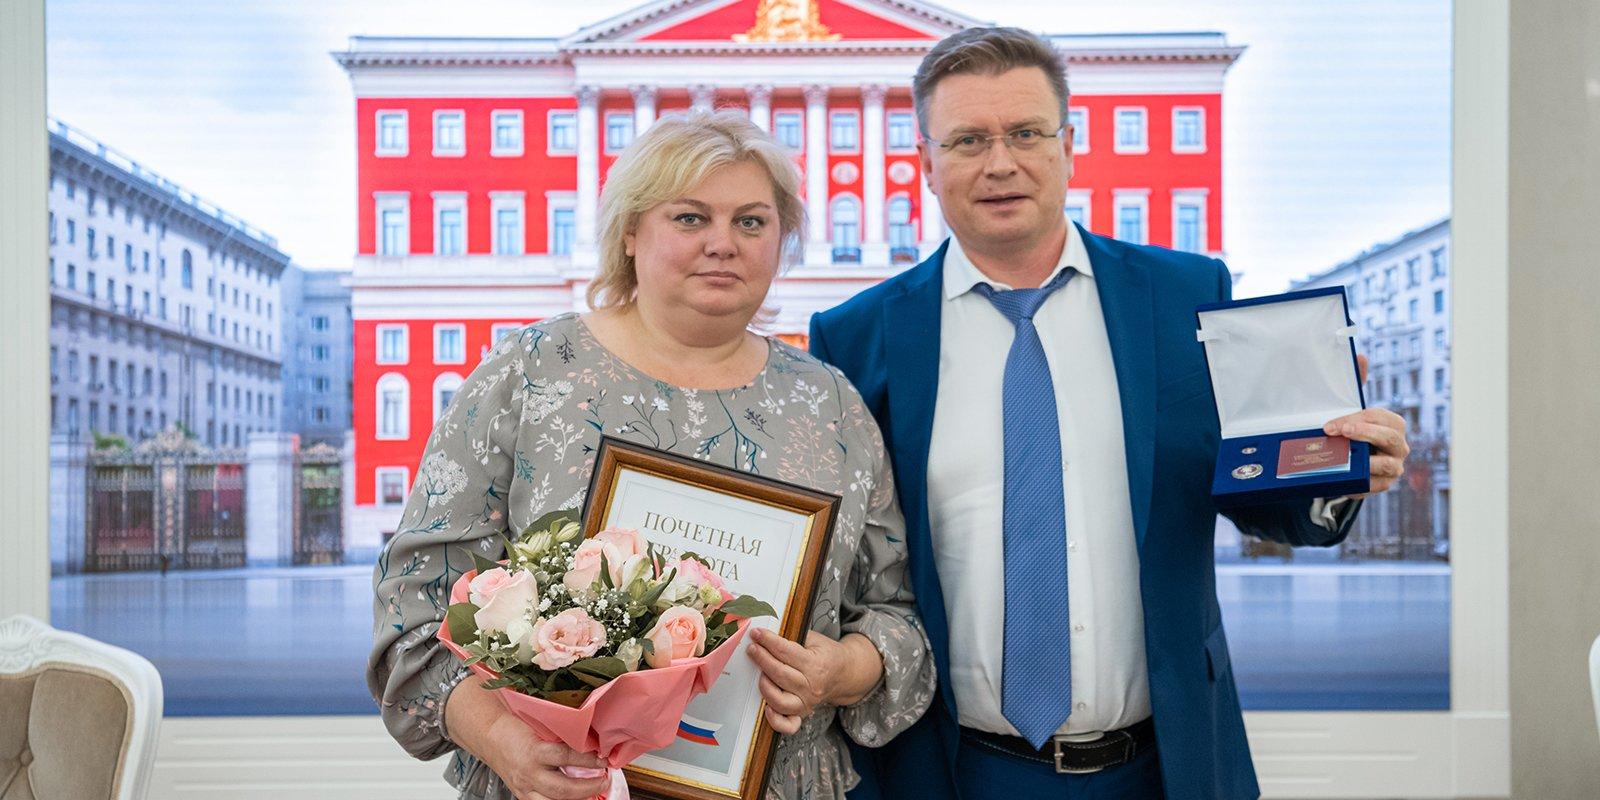 В Москве наградили врачей за борьбу с пандемией коронавируса